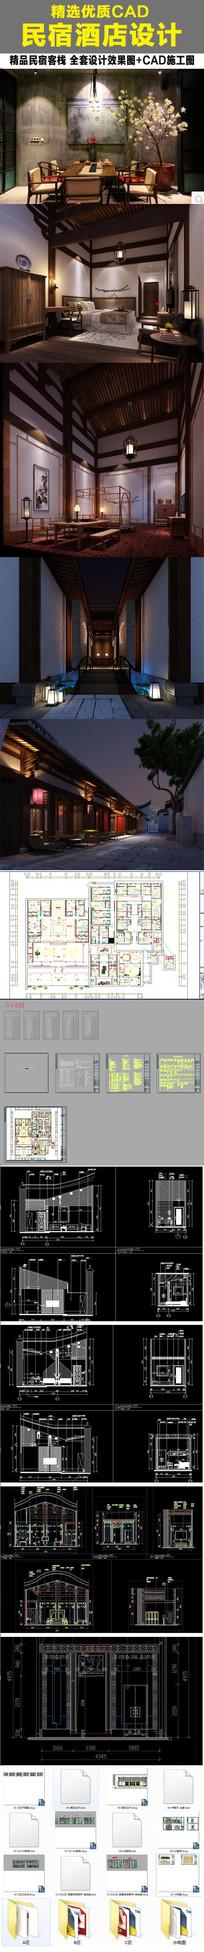 新中式民宿特色客栈CAD图纸和效果图 dwg